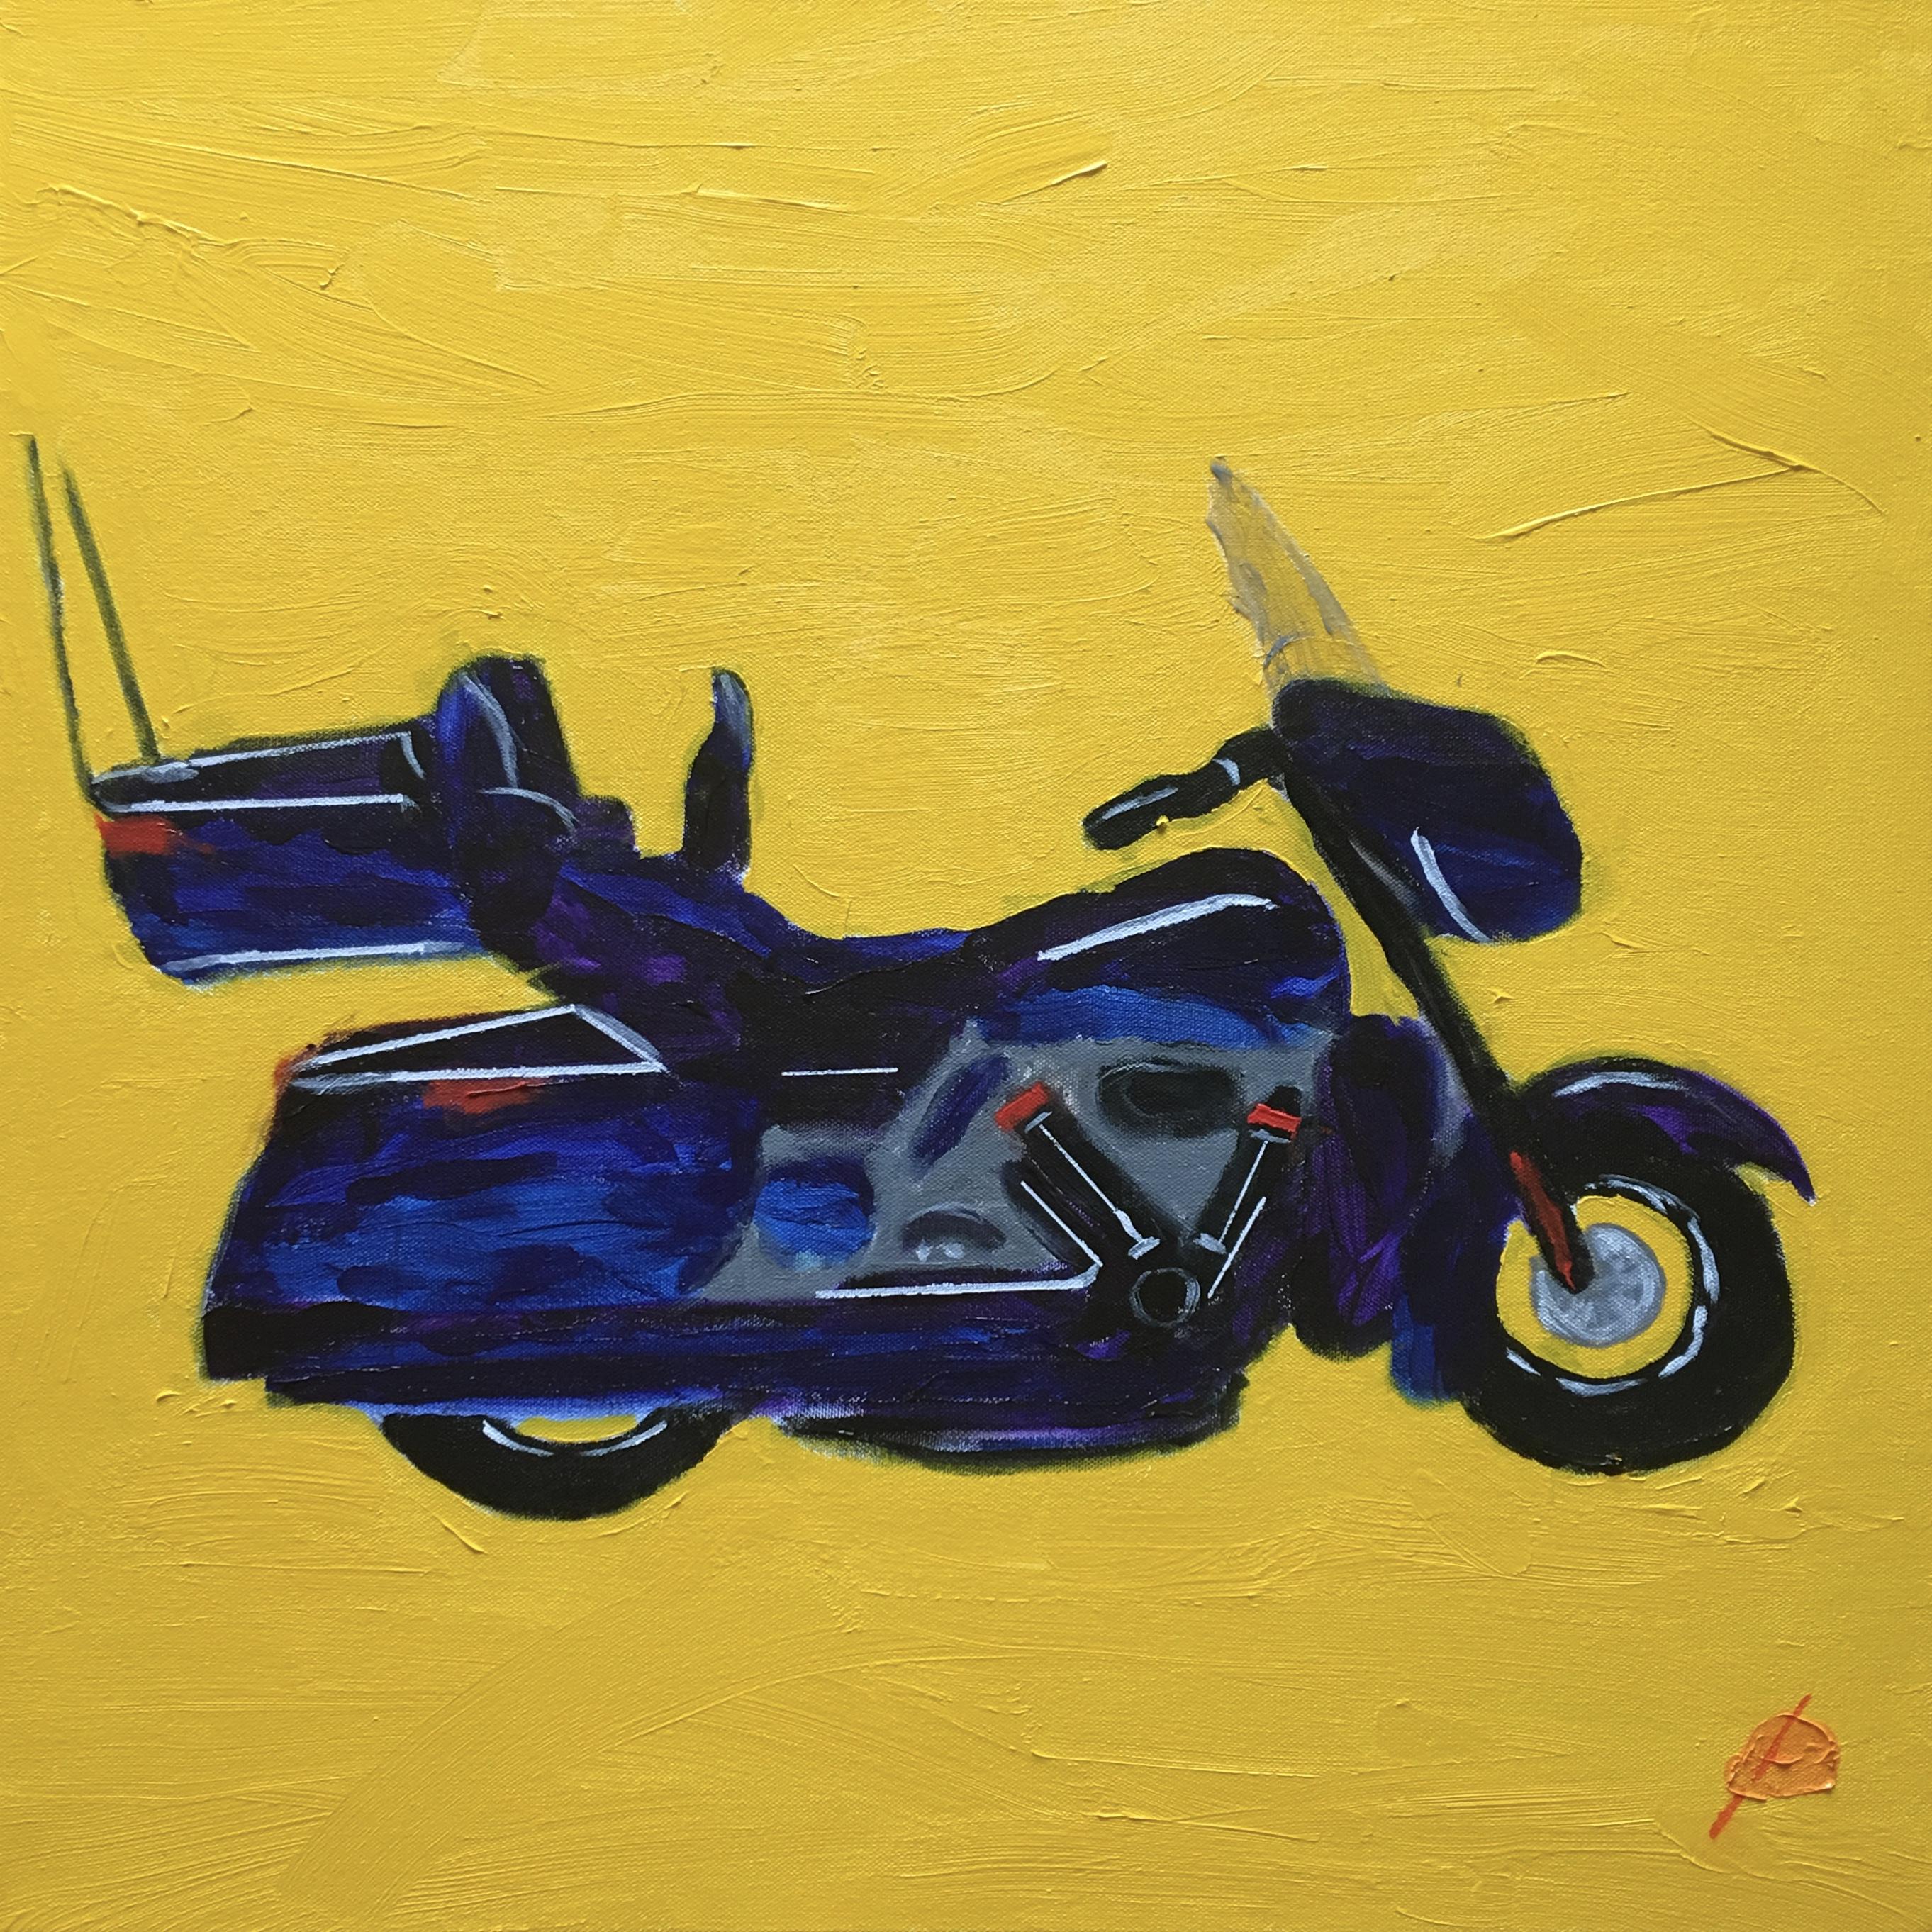 Harley - Original for Sale